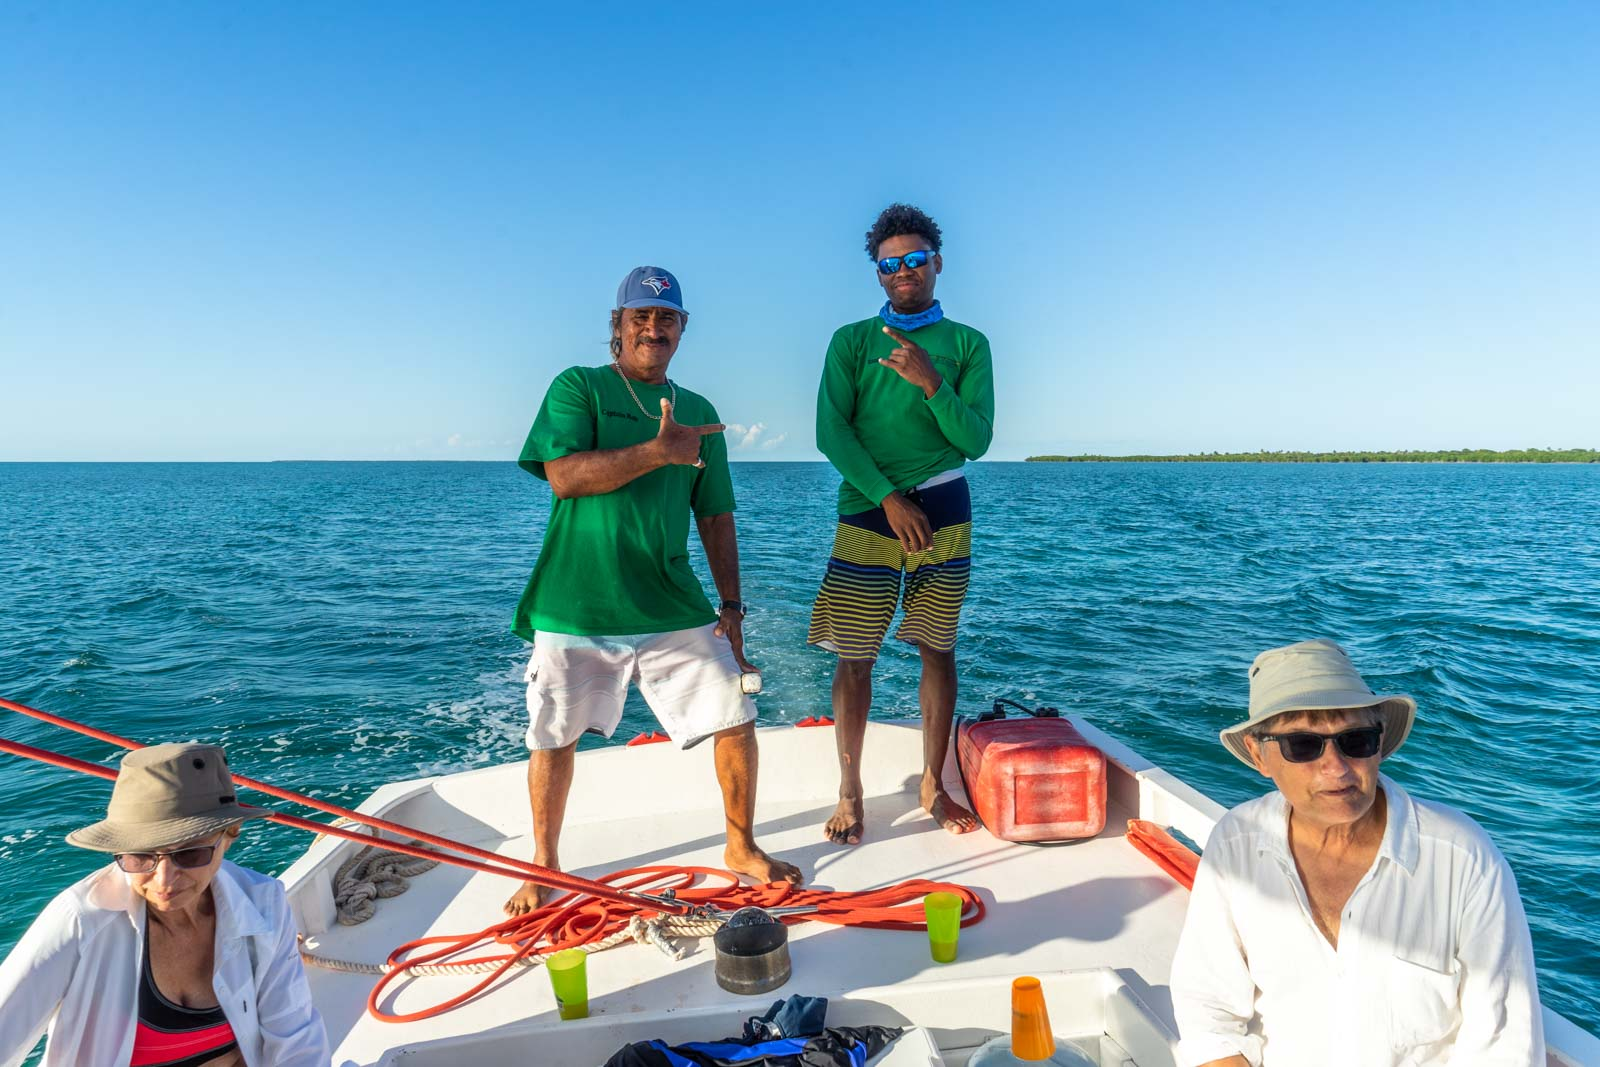 Caye Caulker snorkelling, Belize